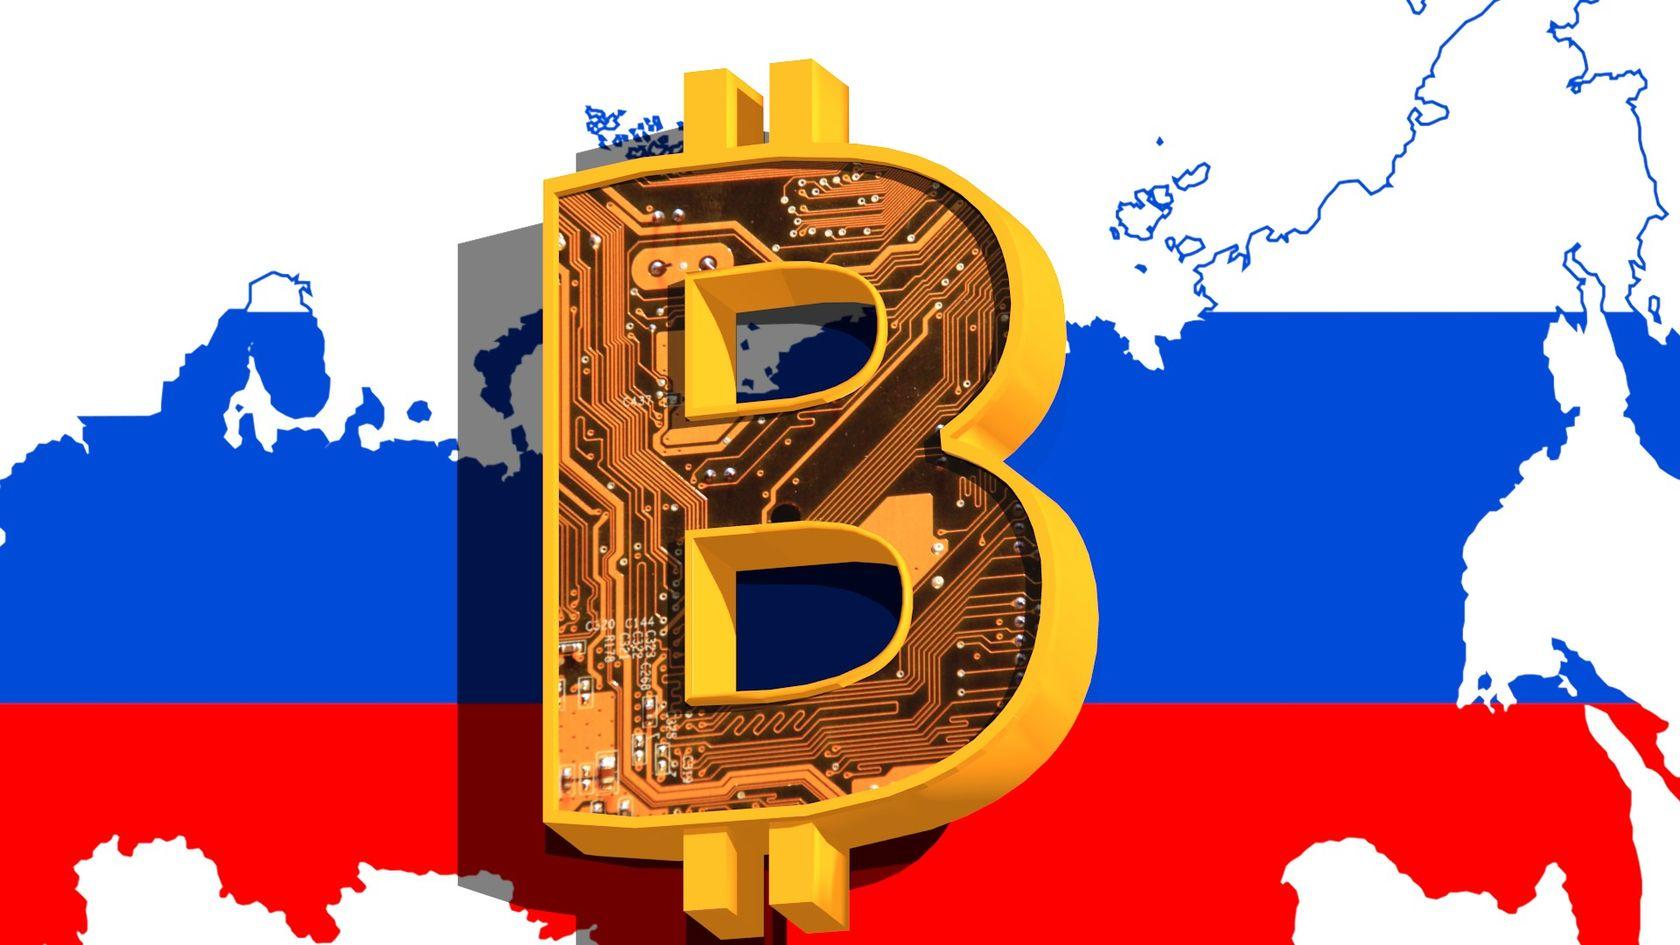 La Russia si prepara a legalizzare la criptovaluta